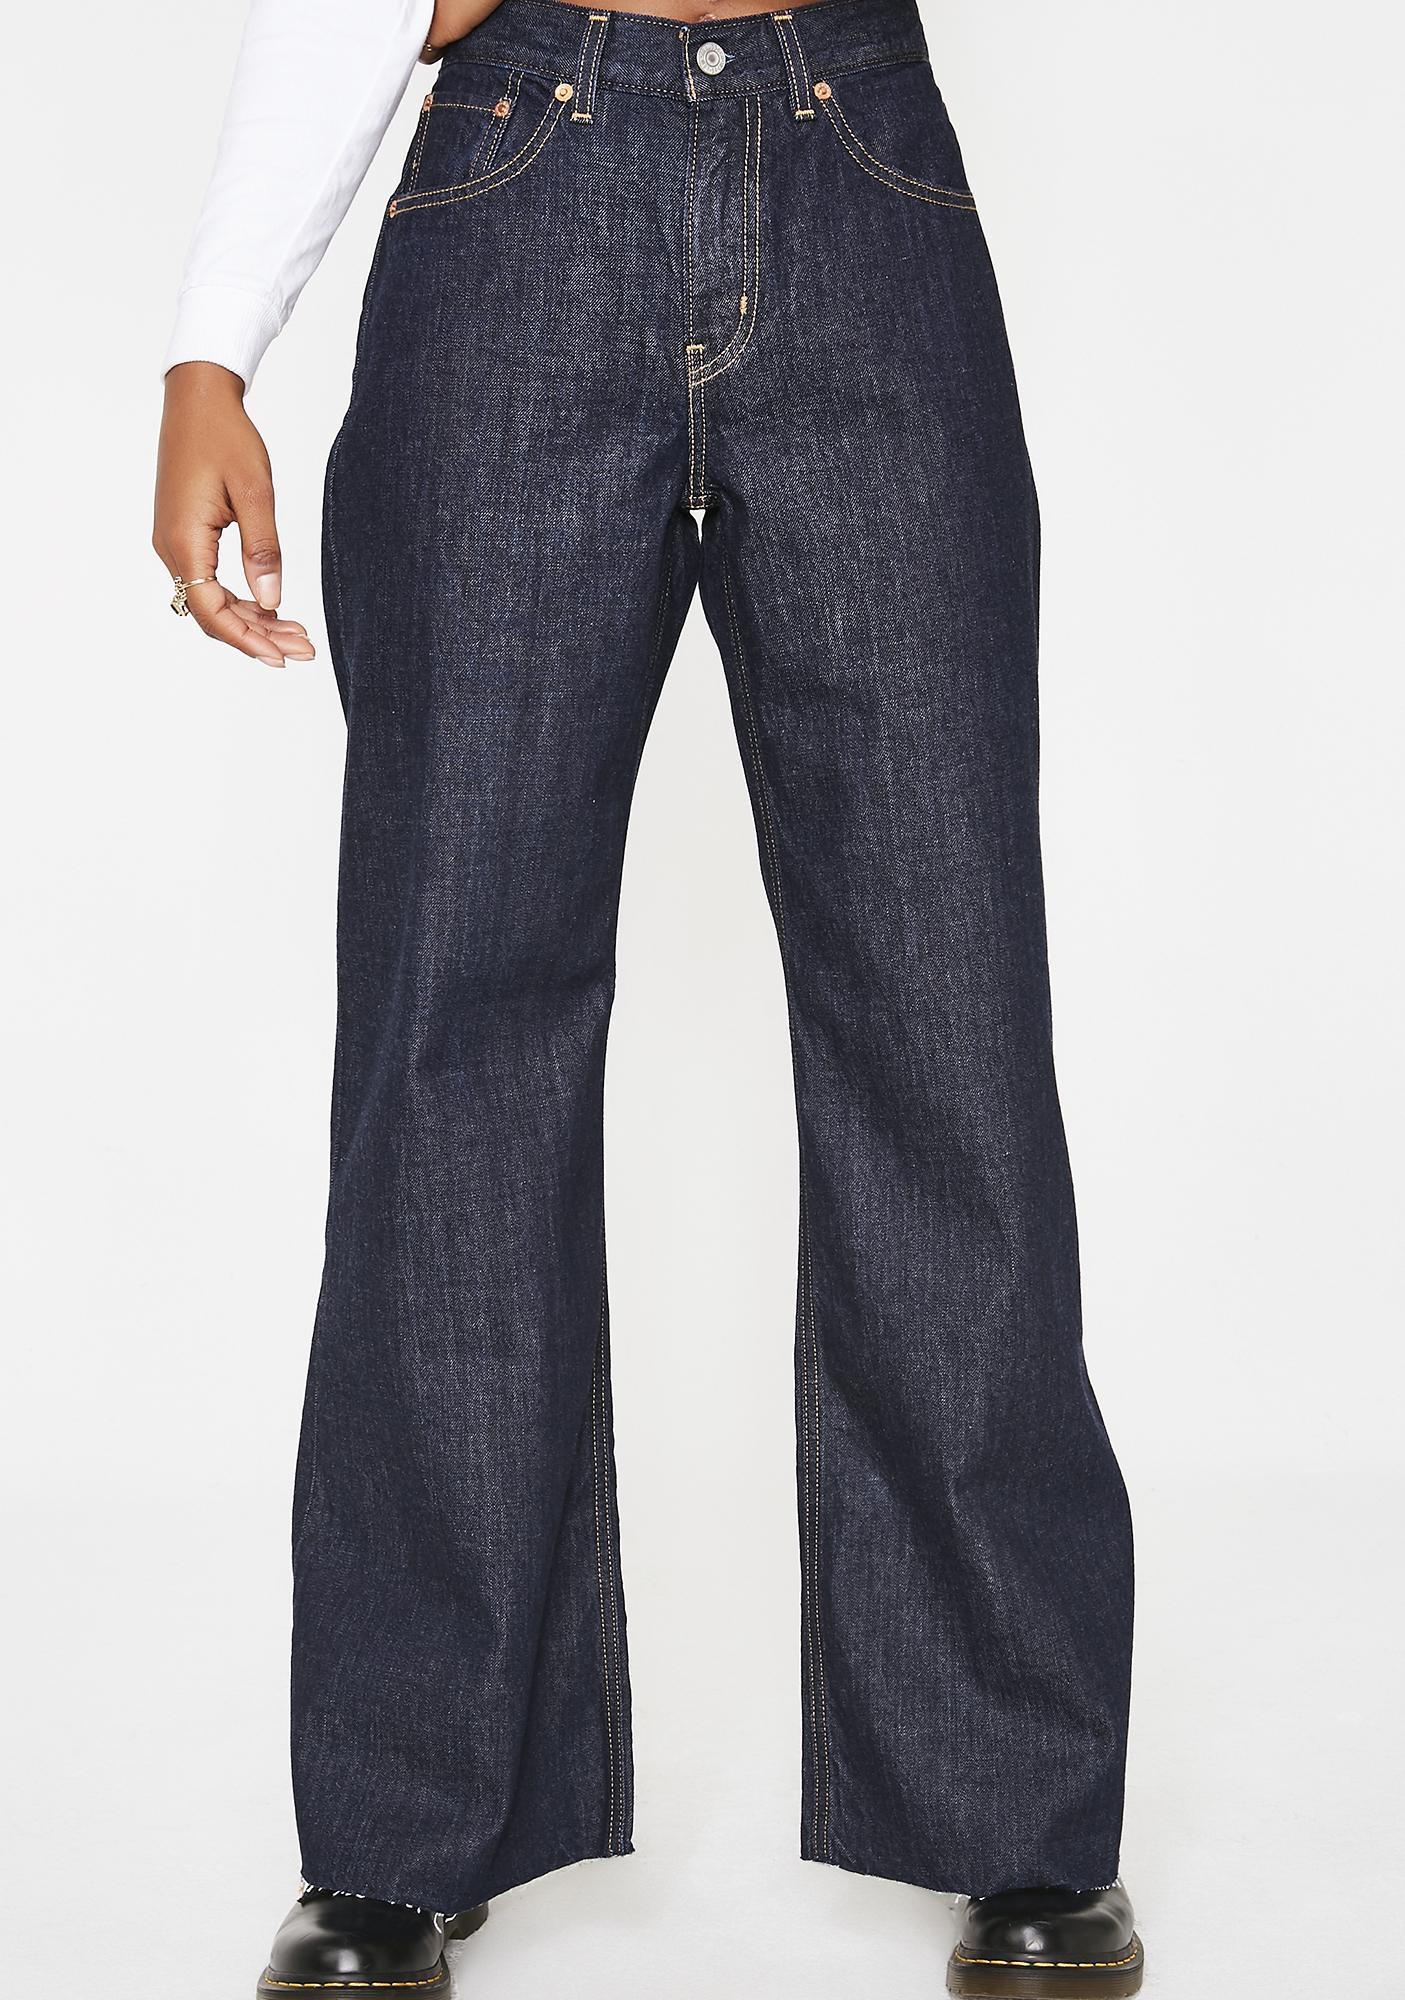 ecb2bf60f52 Levis Massive Jeans | Dolls Kill